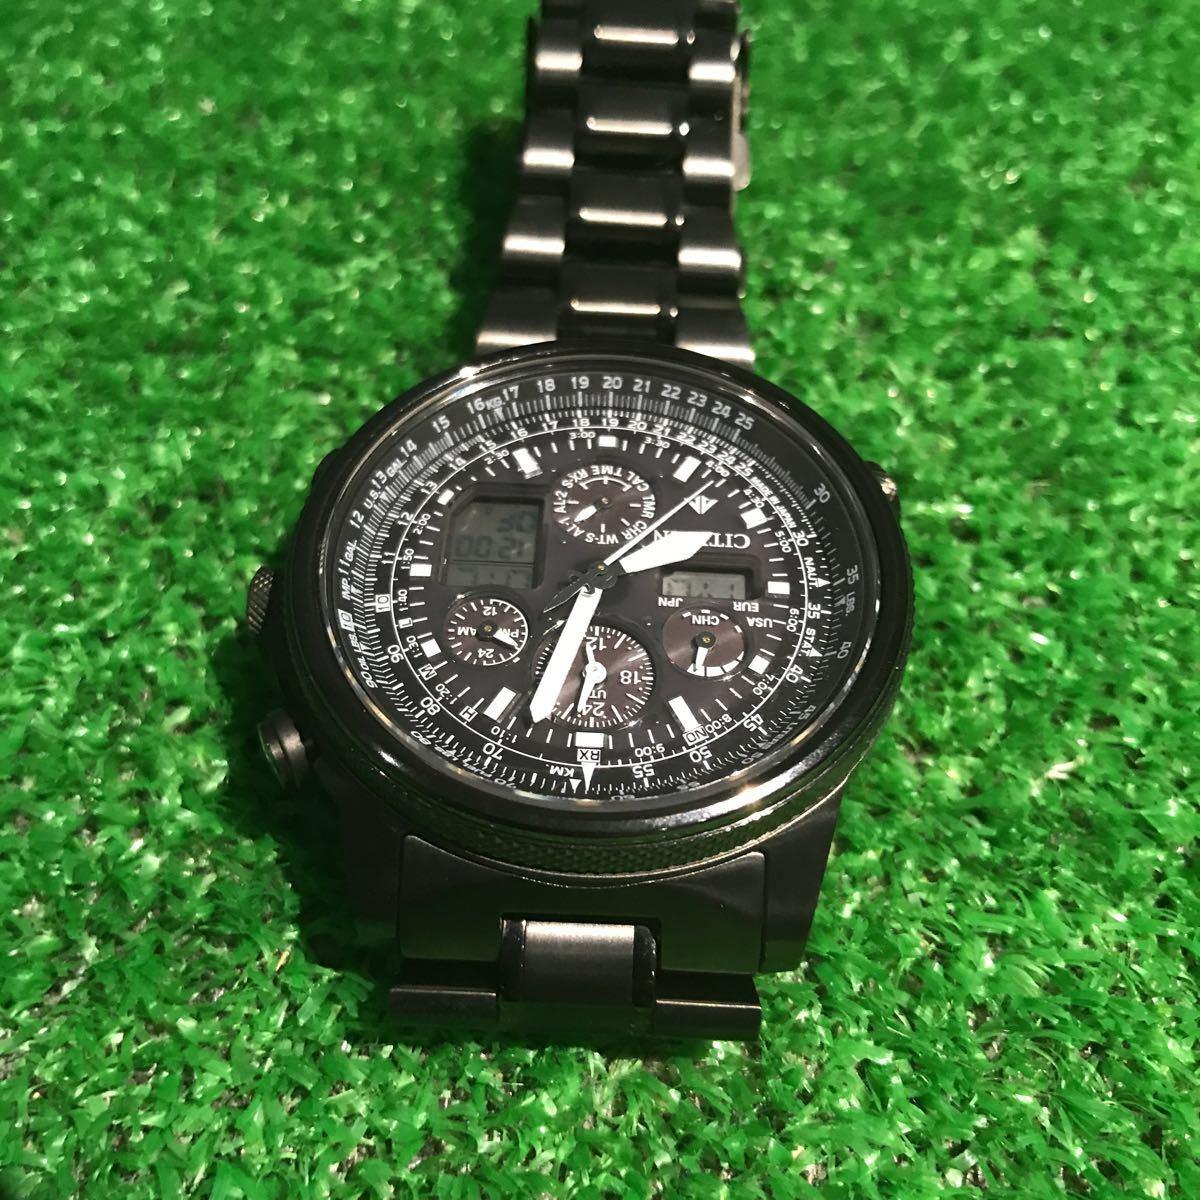 新品同様1円~ 試着程度 シチズン U680-T019692 プロマスター チタン ソーラー 電波時計 アナデジ メンズ腕時計 60サイズ (62)_画像6